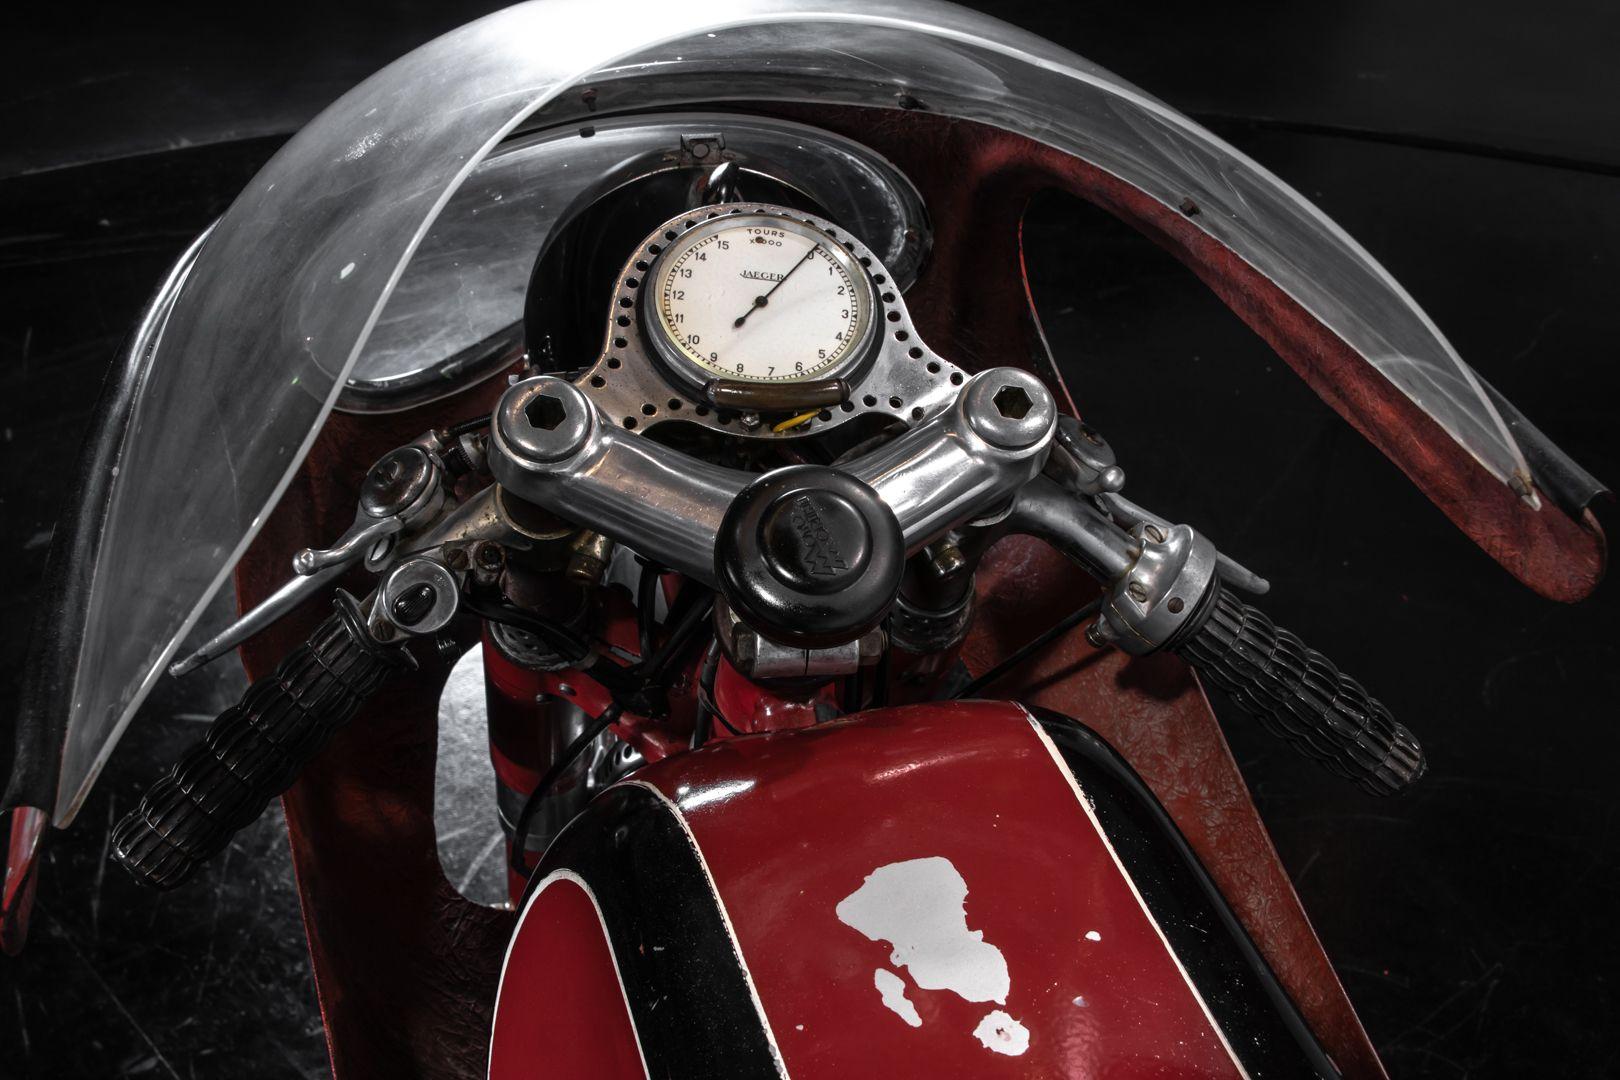 1957 Moto Morini Settebello 175 77601